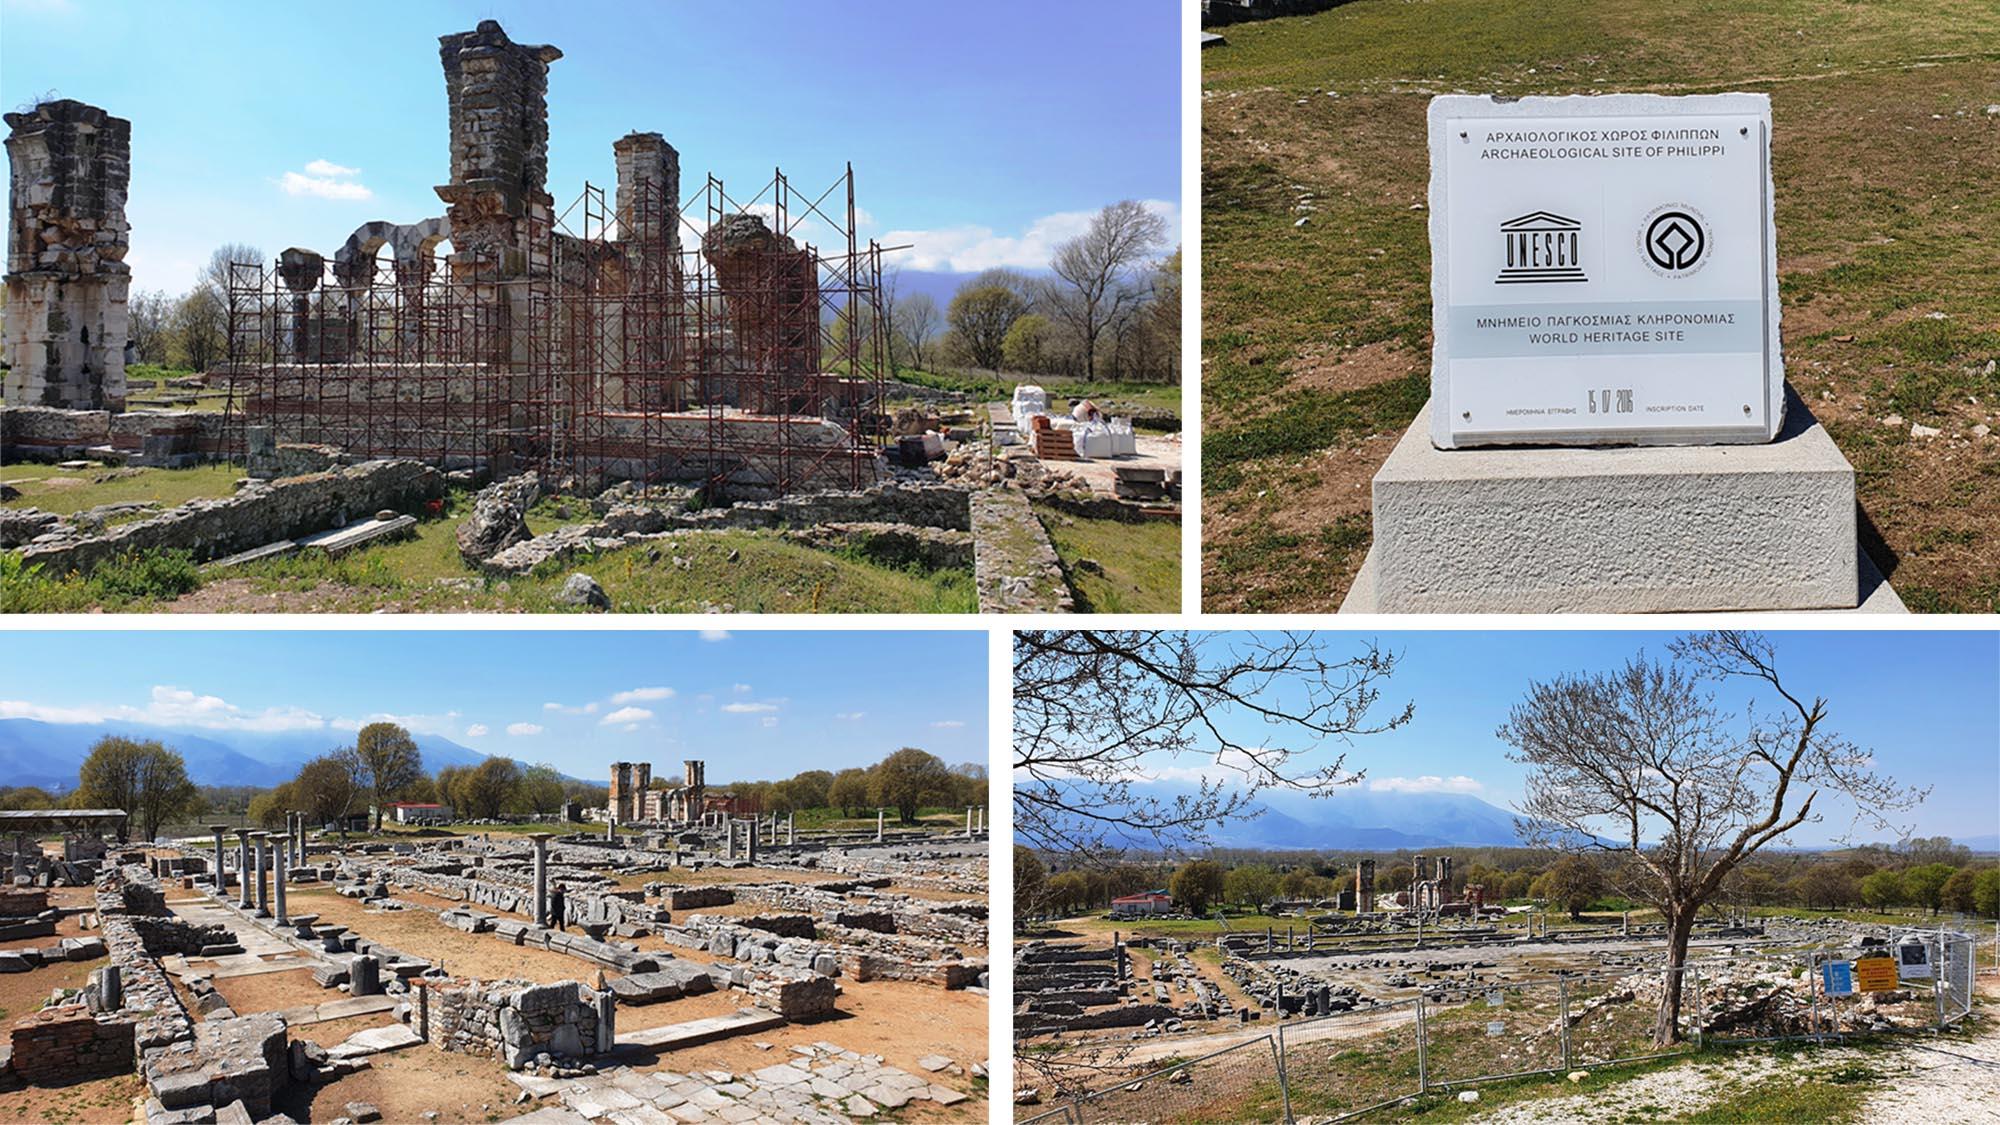 Καβάλα: Αποκαλύπτεται άγνωστο δημόσιο κτήριο της αρχαιότητας και οι δρόμοι προς το θέατρο των Φιλίππων (pic)